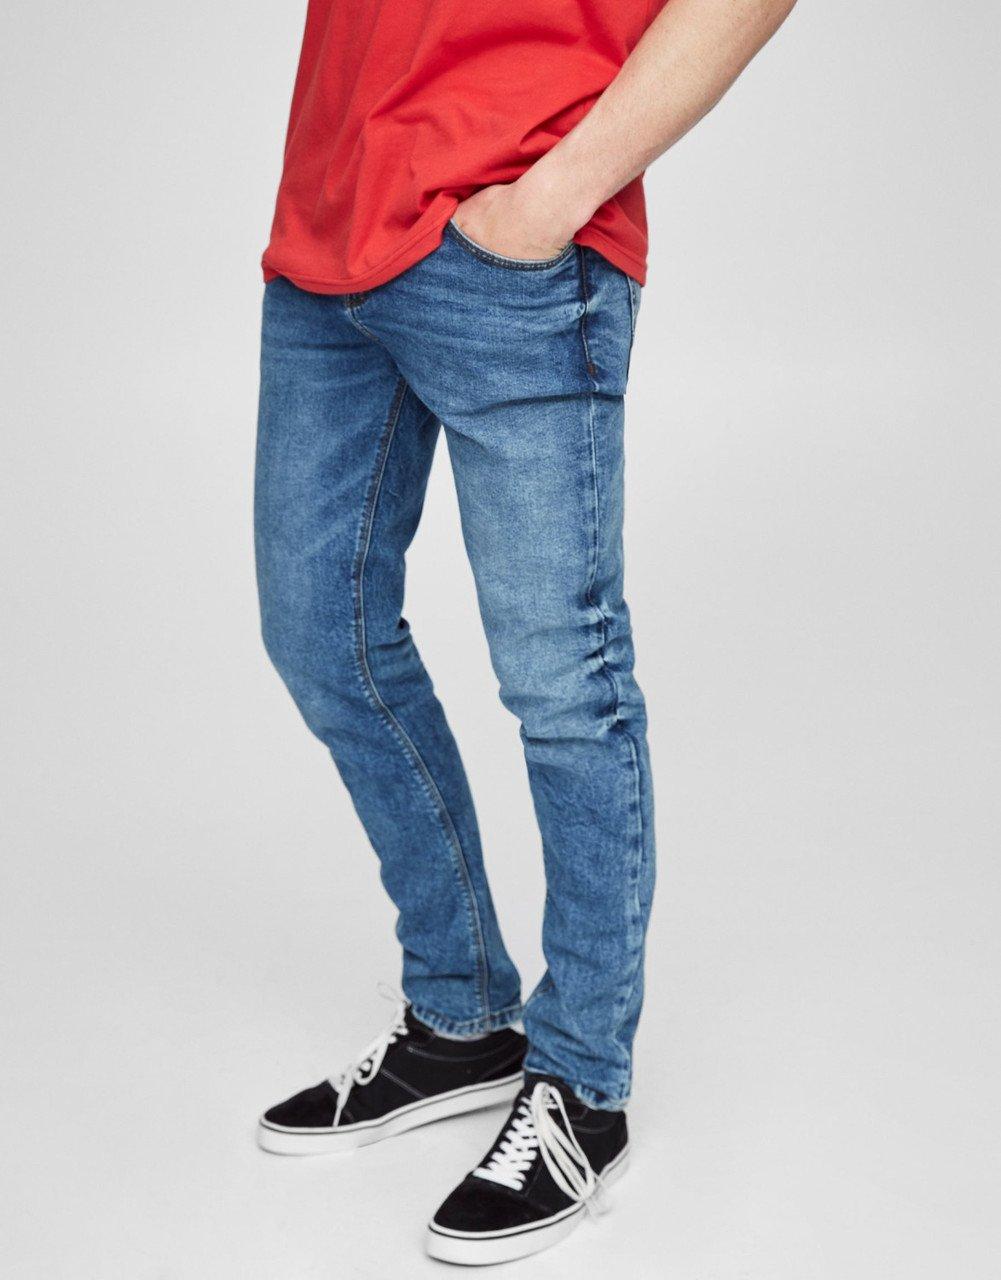 d19c6360f1fc5e Модний чоловічий одяг і взуття | Купити недорого в Україні | Ціна ...